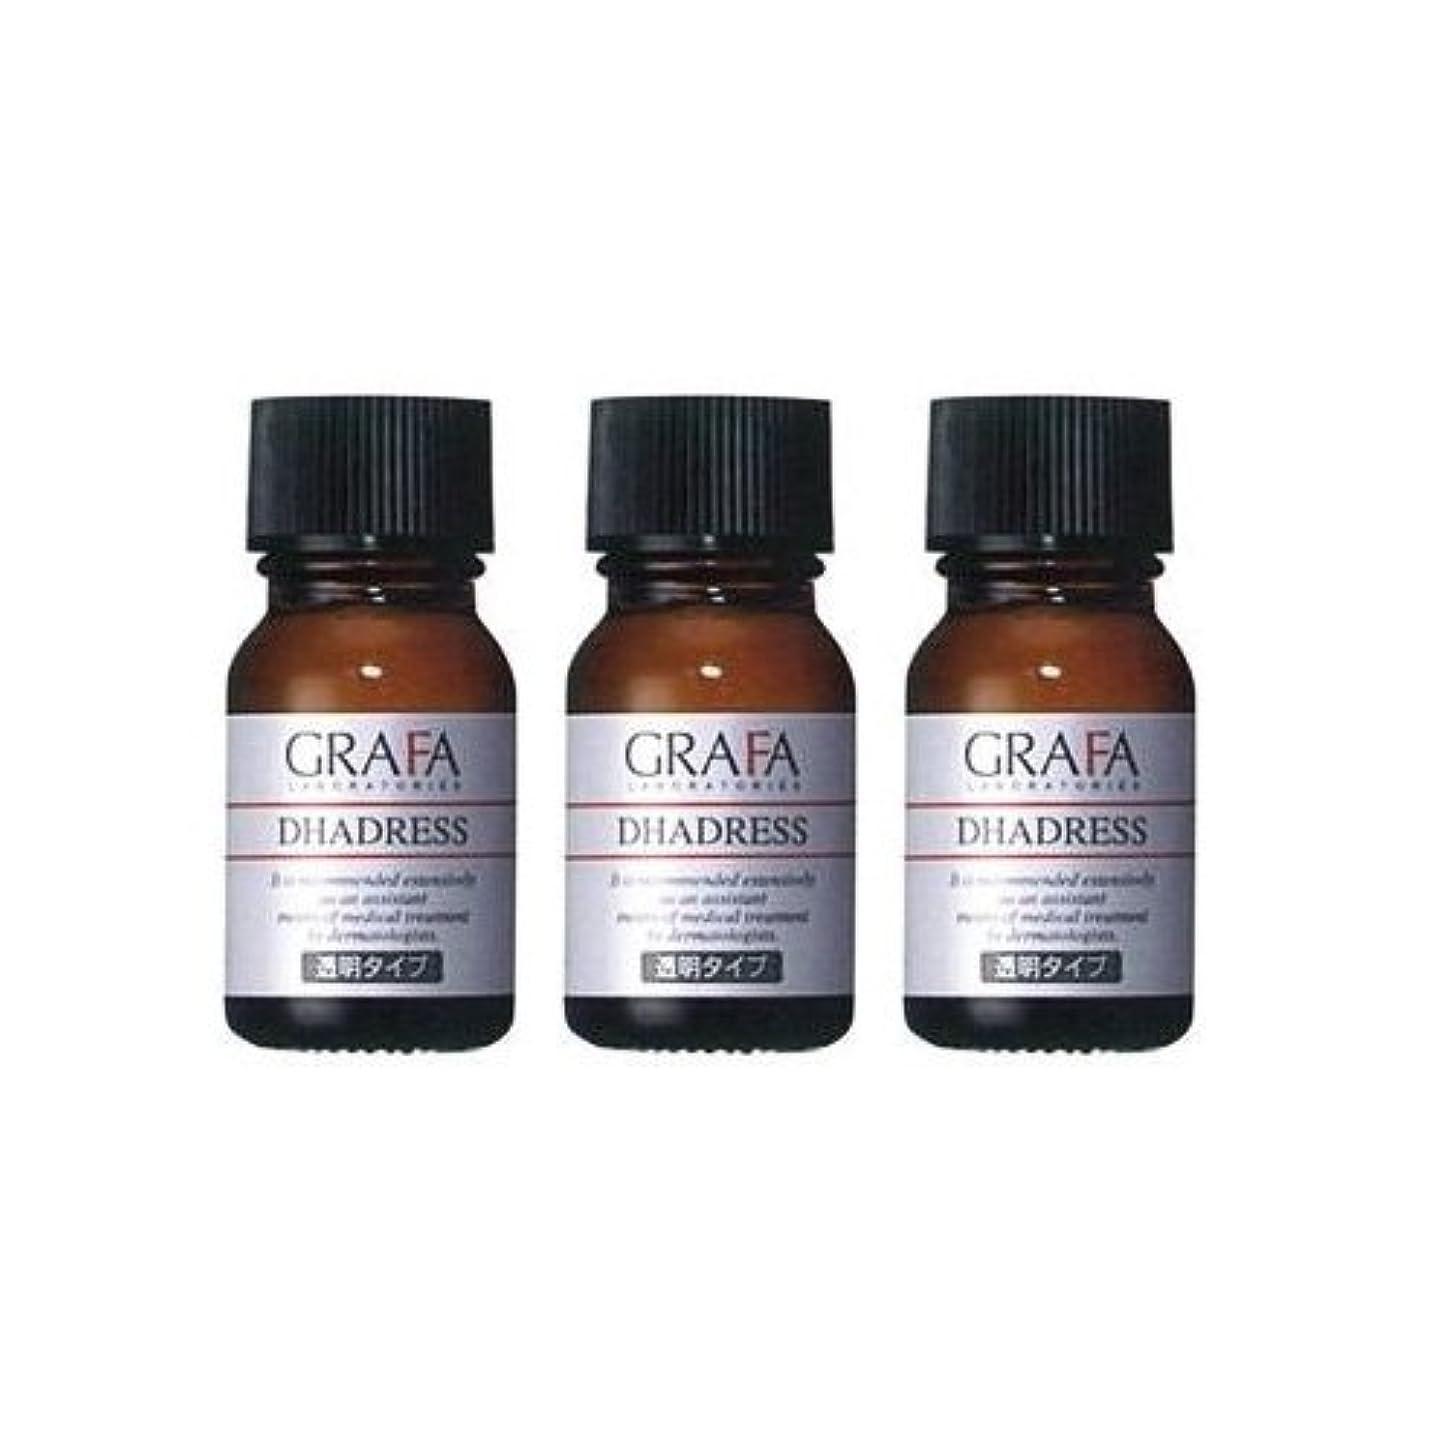 透過性生優勢グラファ ダドレス (透明タイプ) 11mL × 3本 着色用化粧水 GRAFA DHADRESS